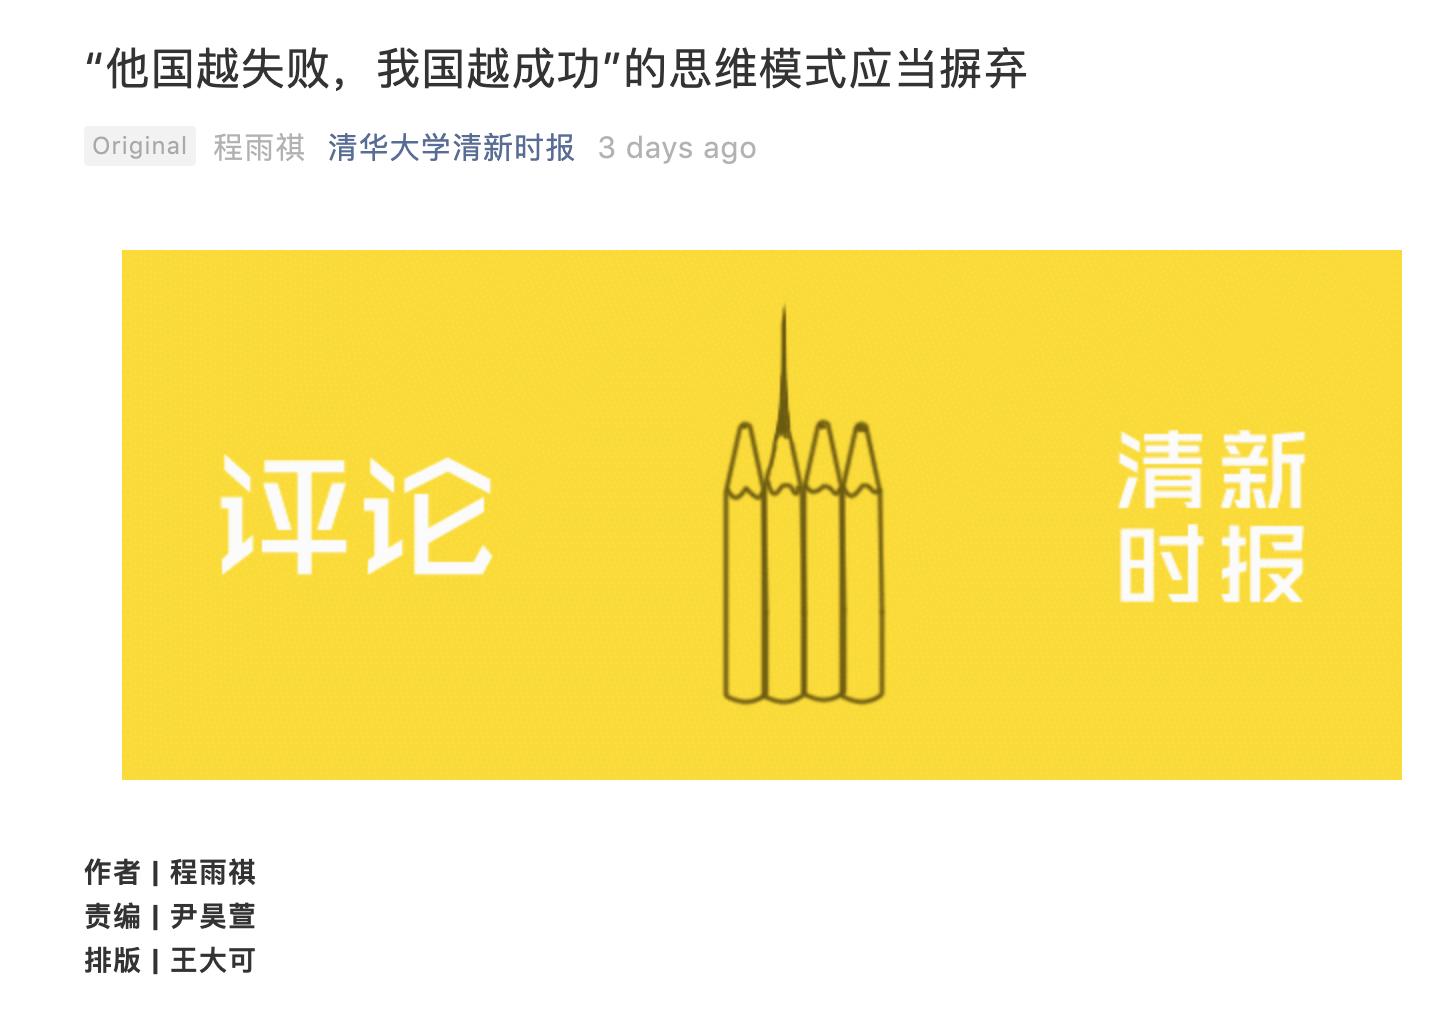 中共宣傳看他國疫情笑話,清華大學《清新時報》撰文批評。(截圖)